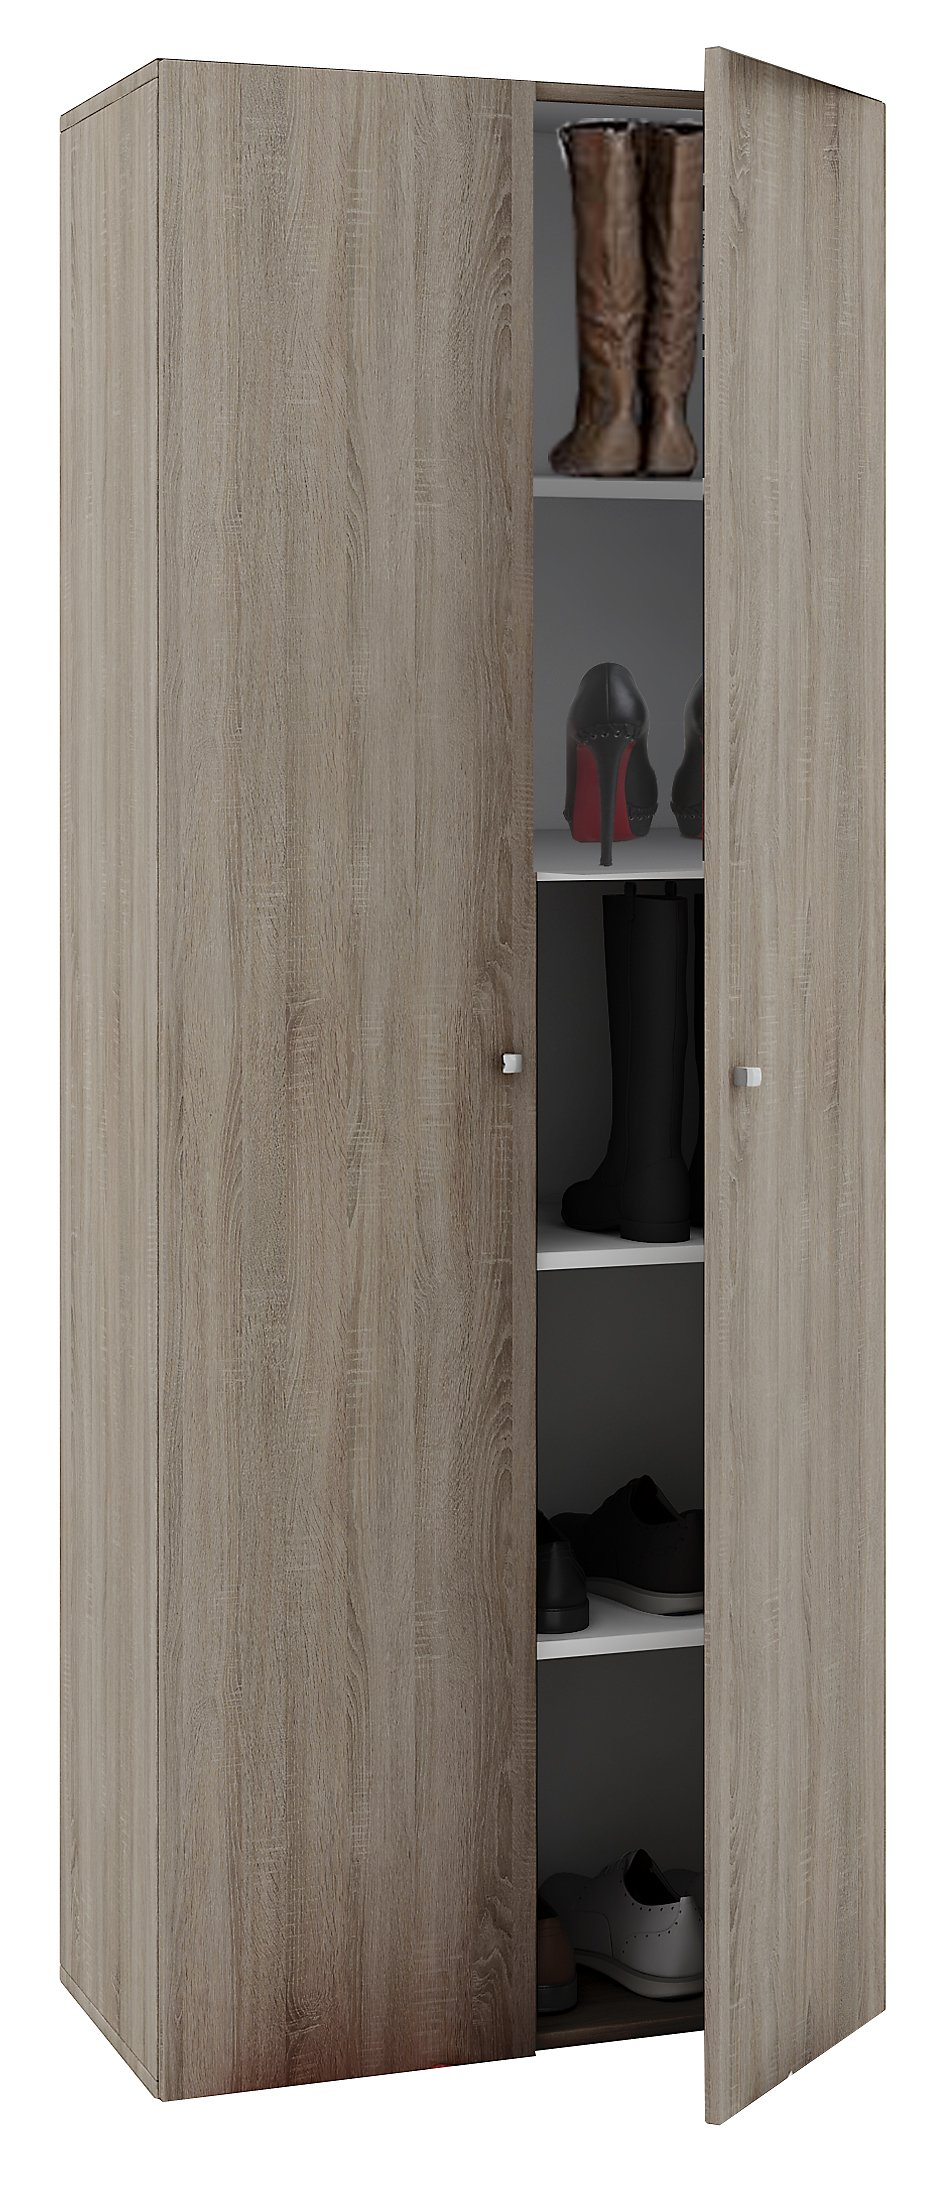 Astounding Schuhschrank Mit Türen Referenz Von Vcm Schuhregal Schuhkommode